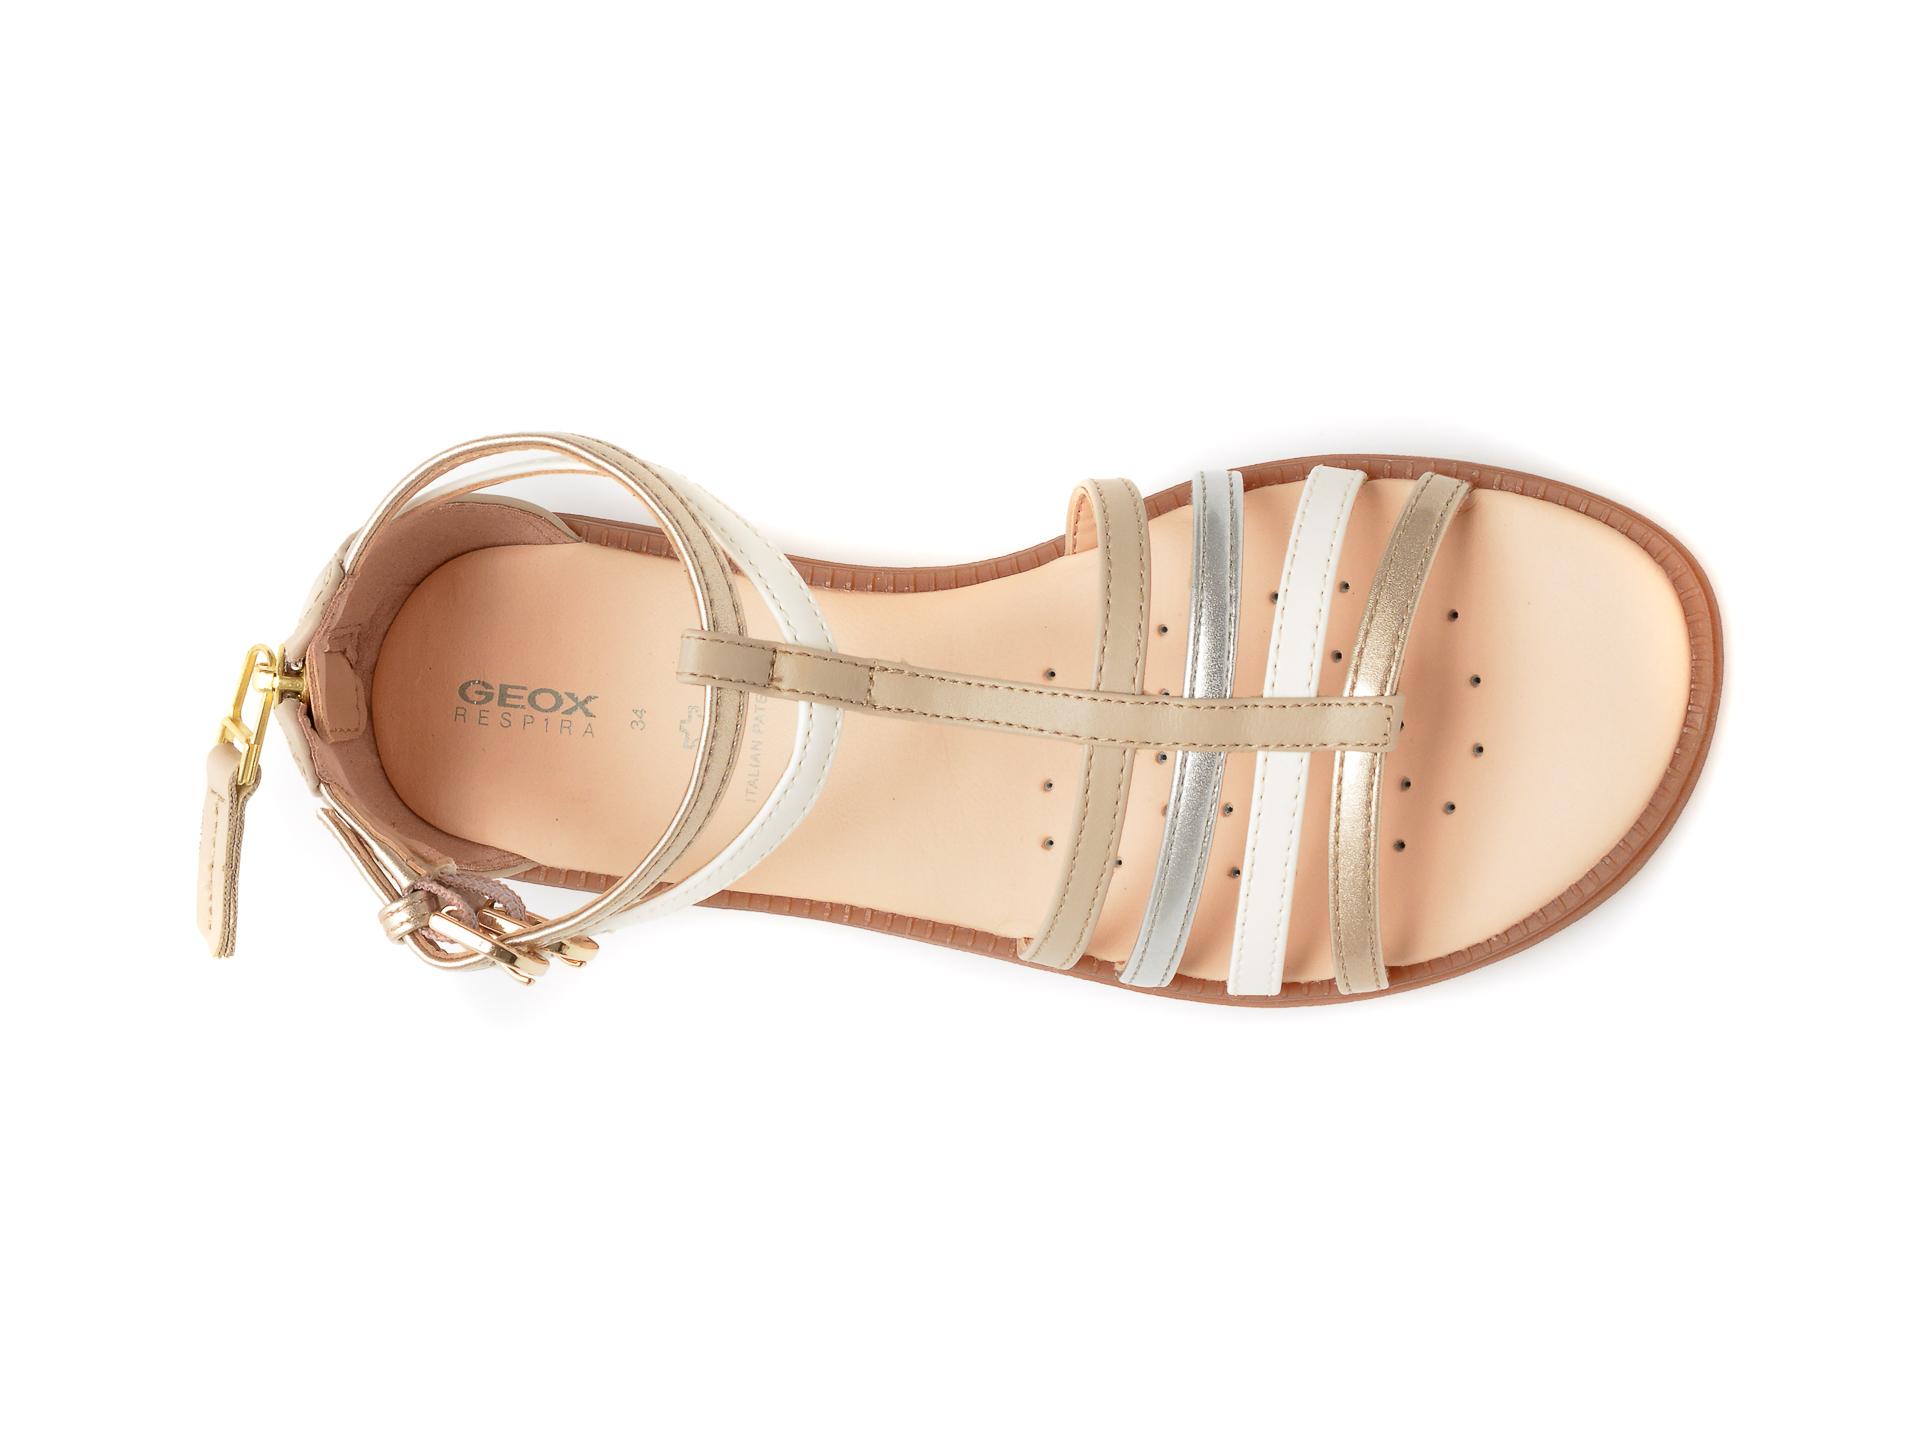 Sandale GEOX bej, J7235D, din piele ecologica - 6